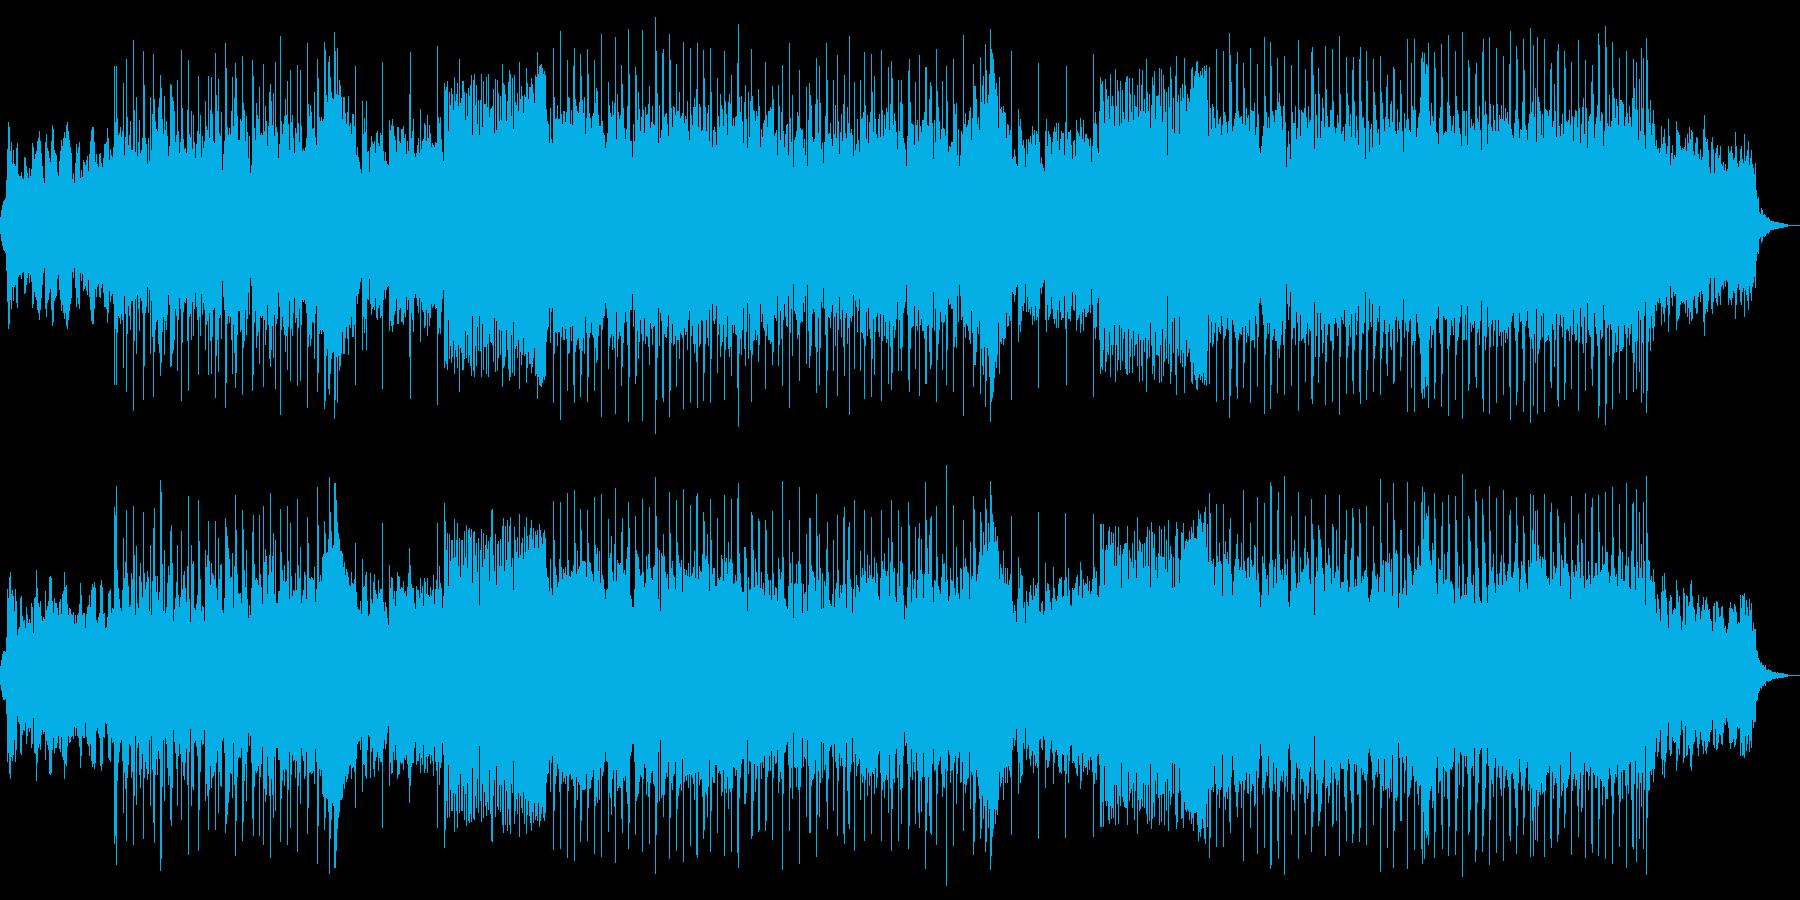 洋楽Pop・R'nBテイストの再生済みの波形